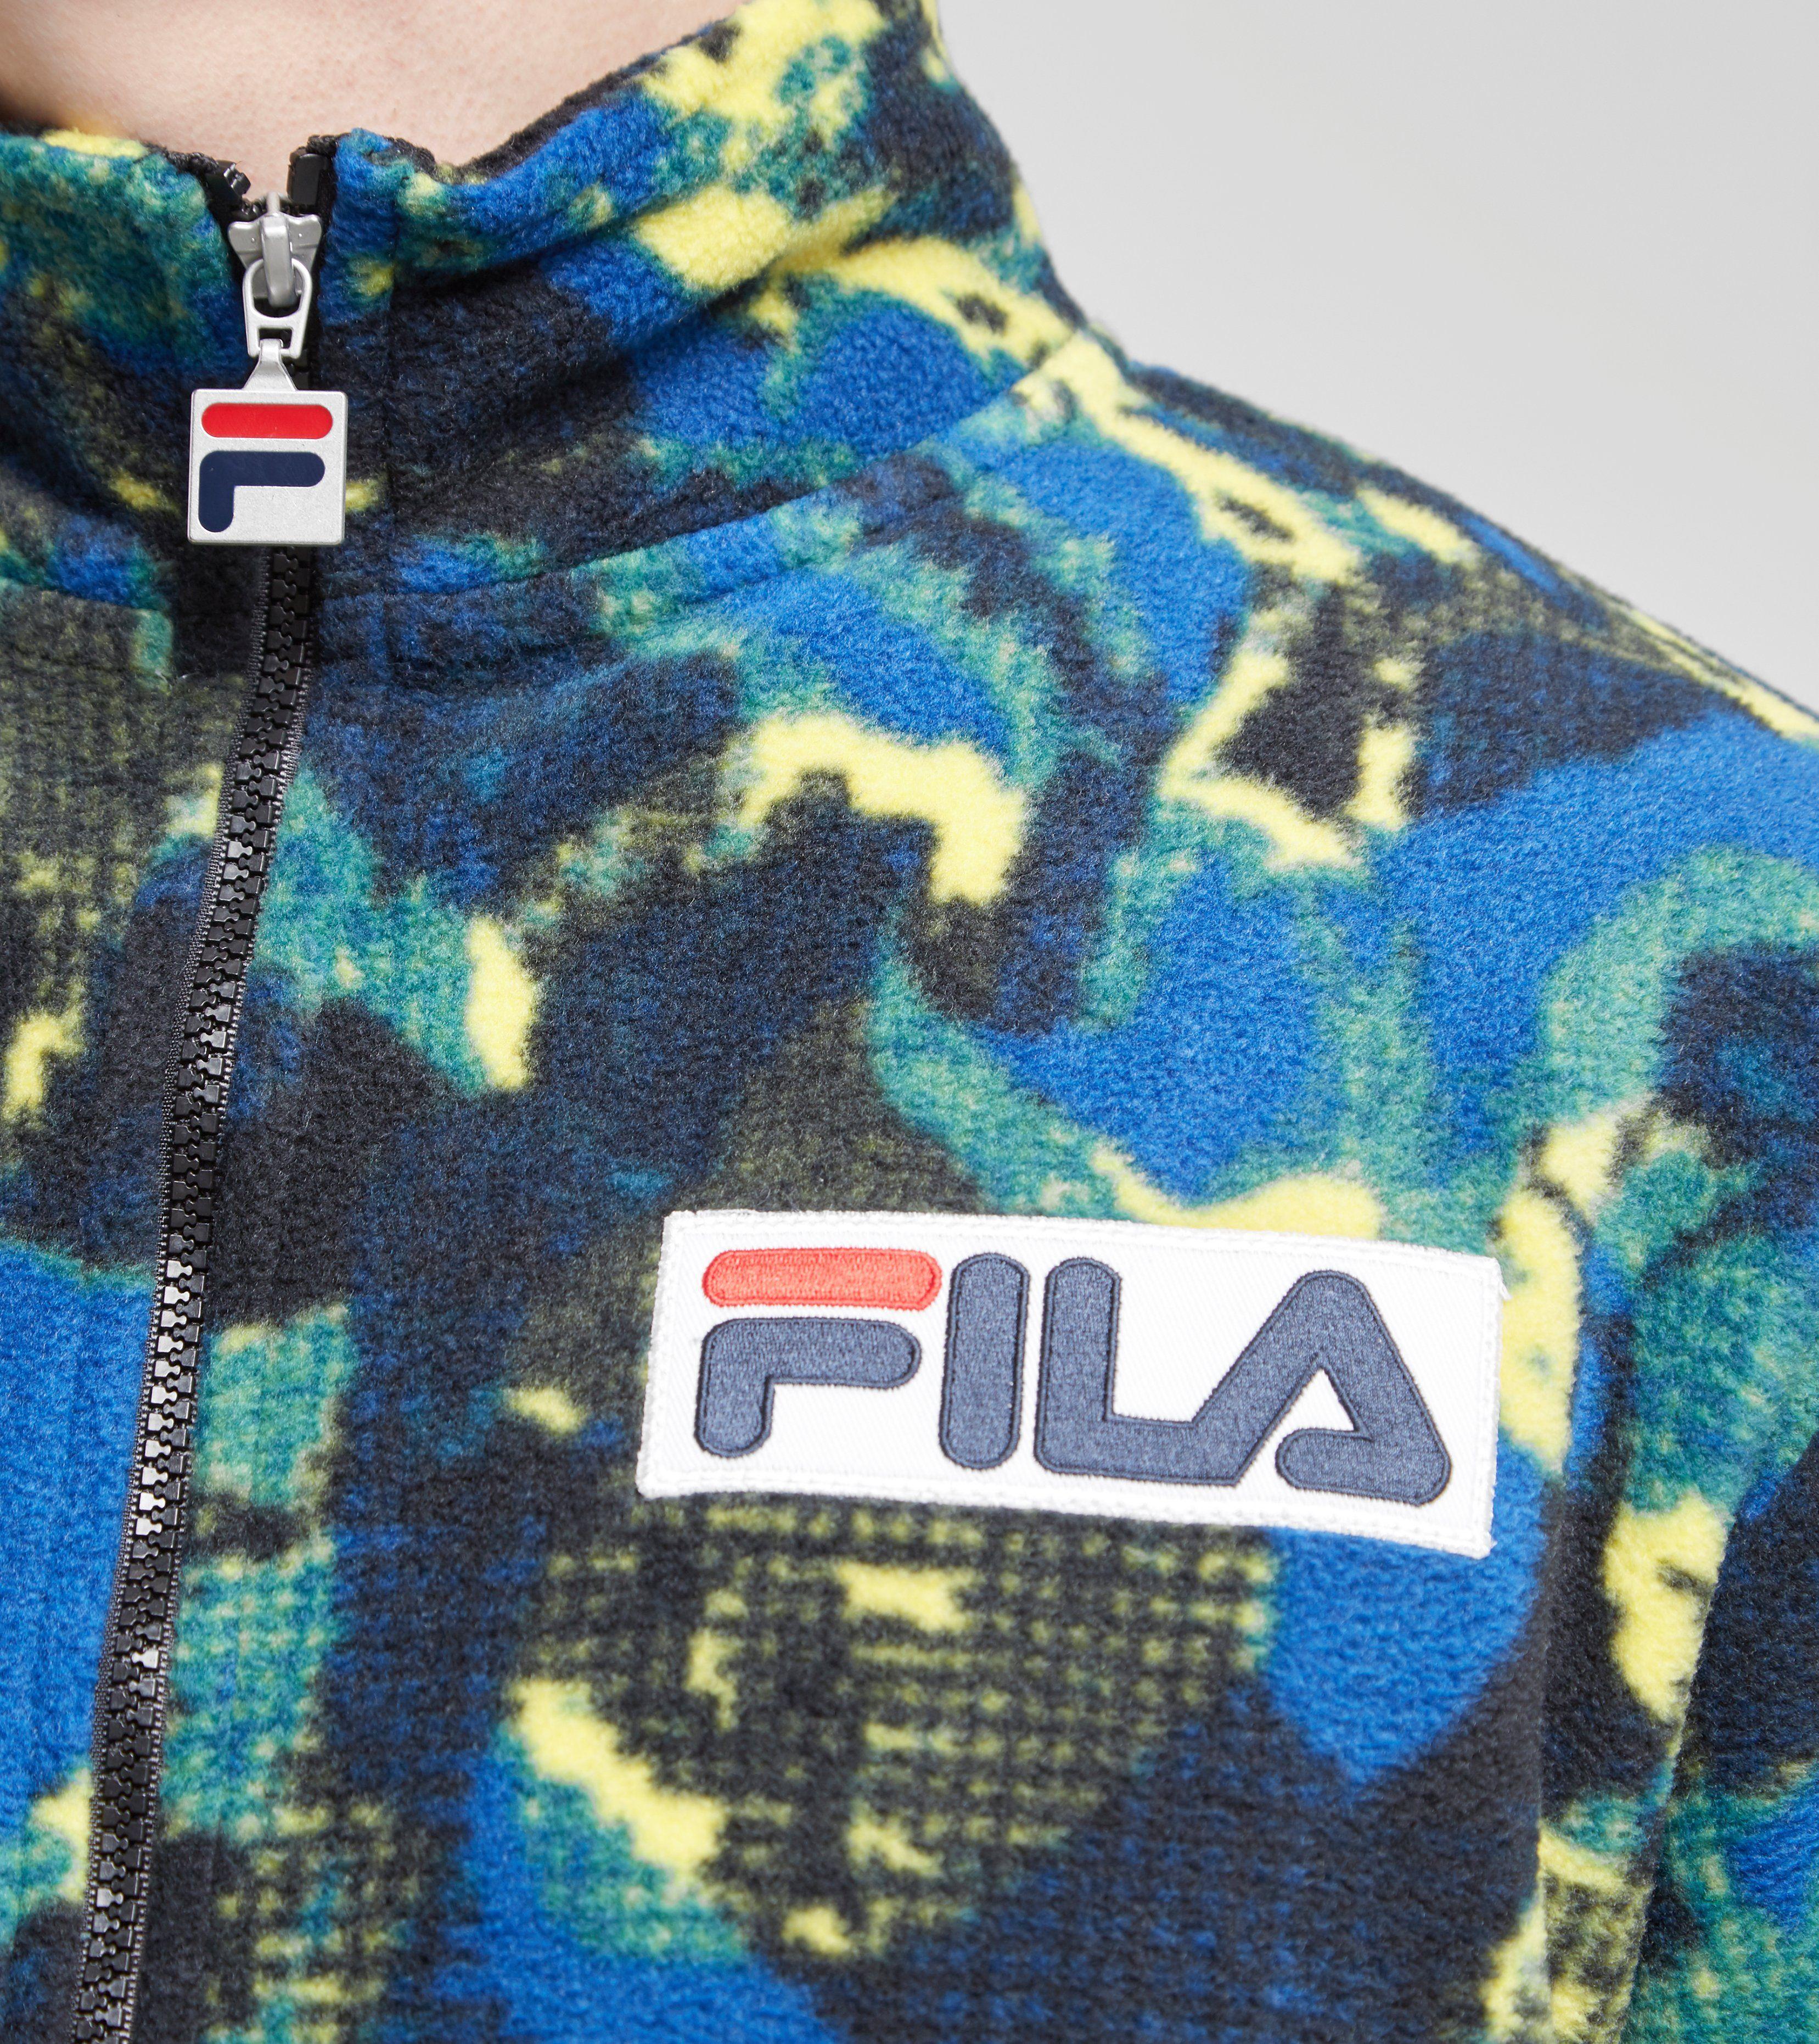 Fila Polsa Print Fleece